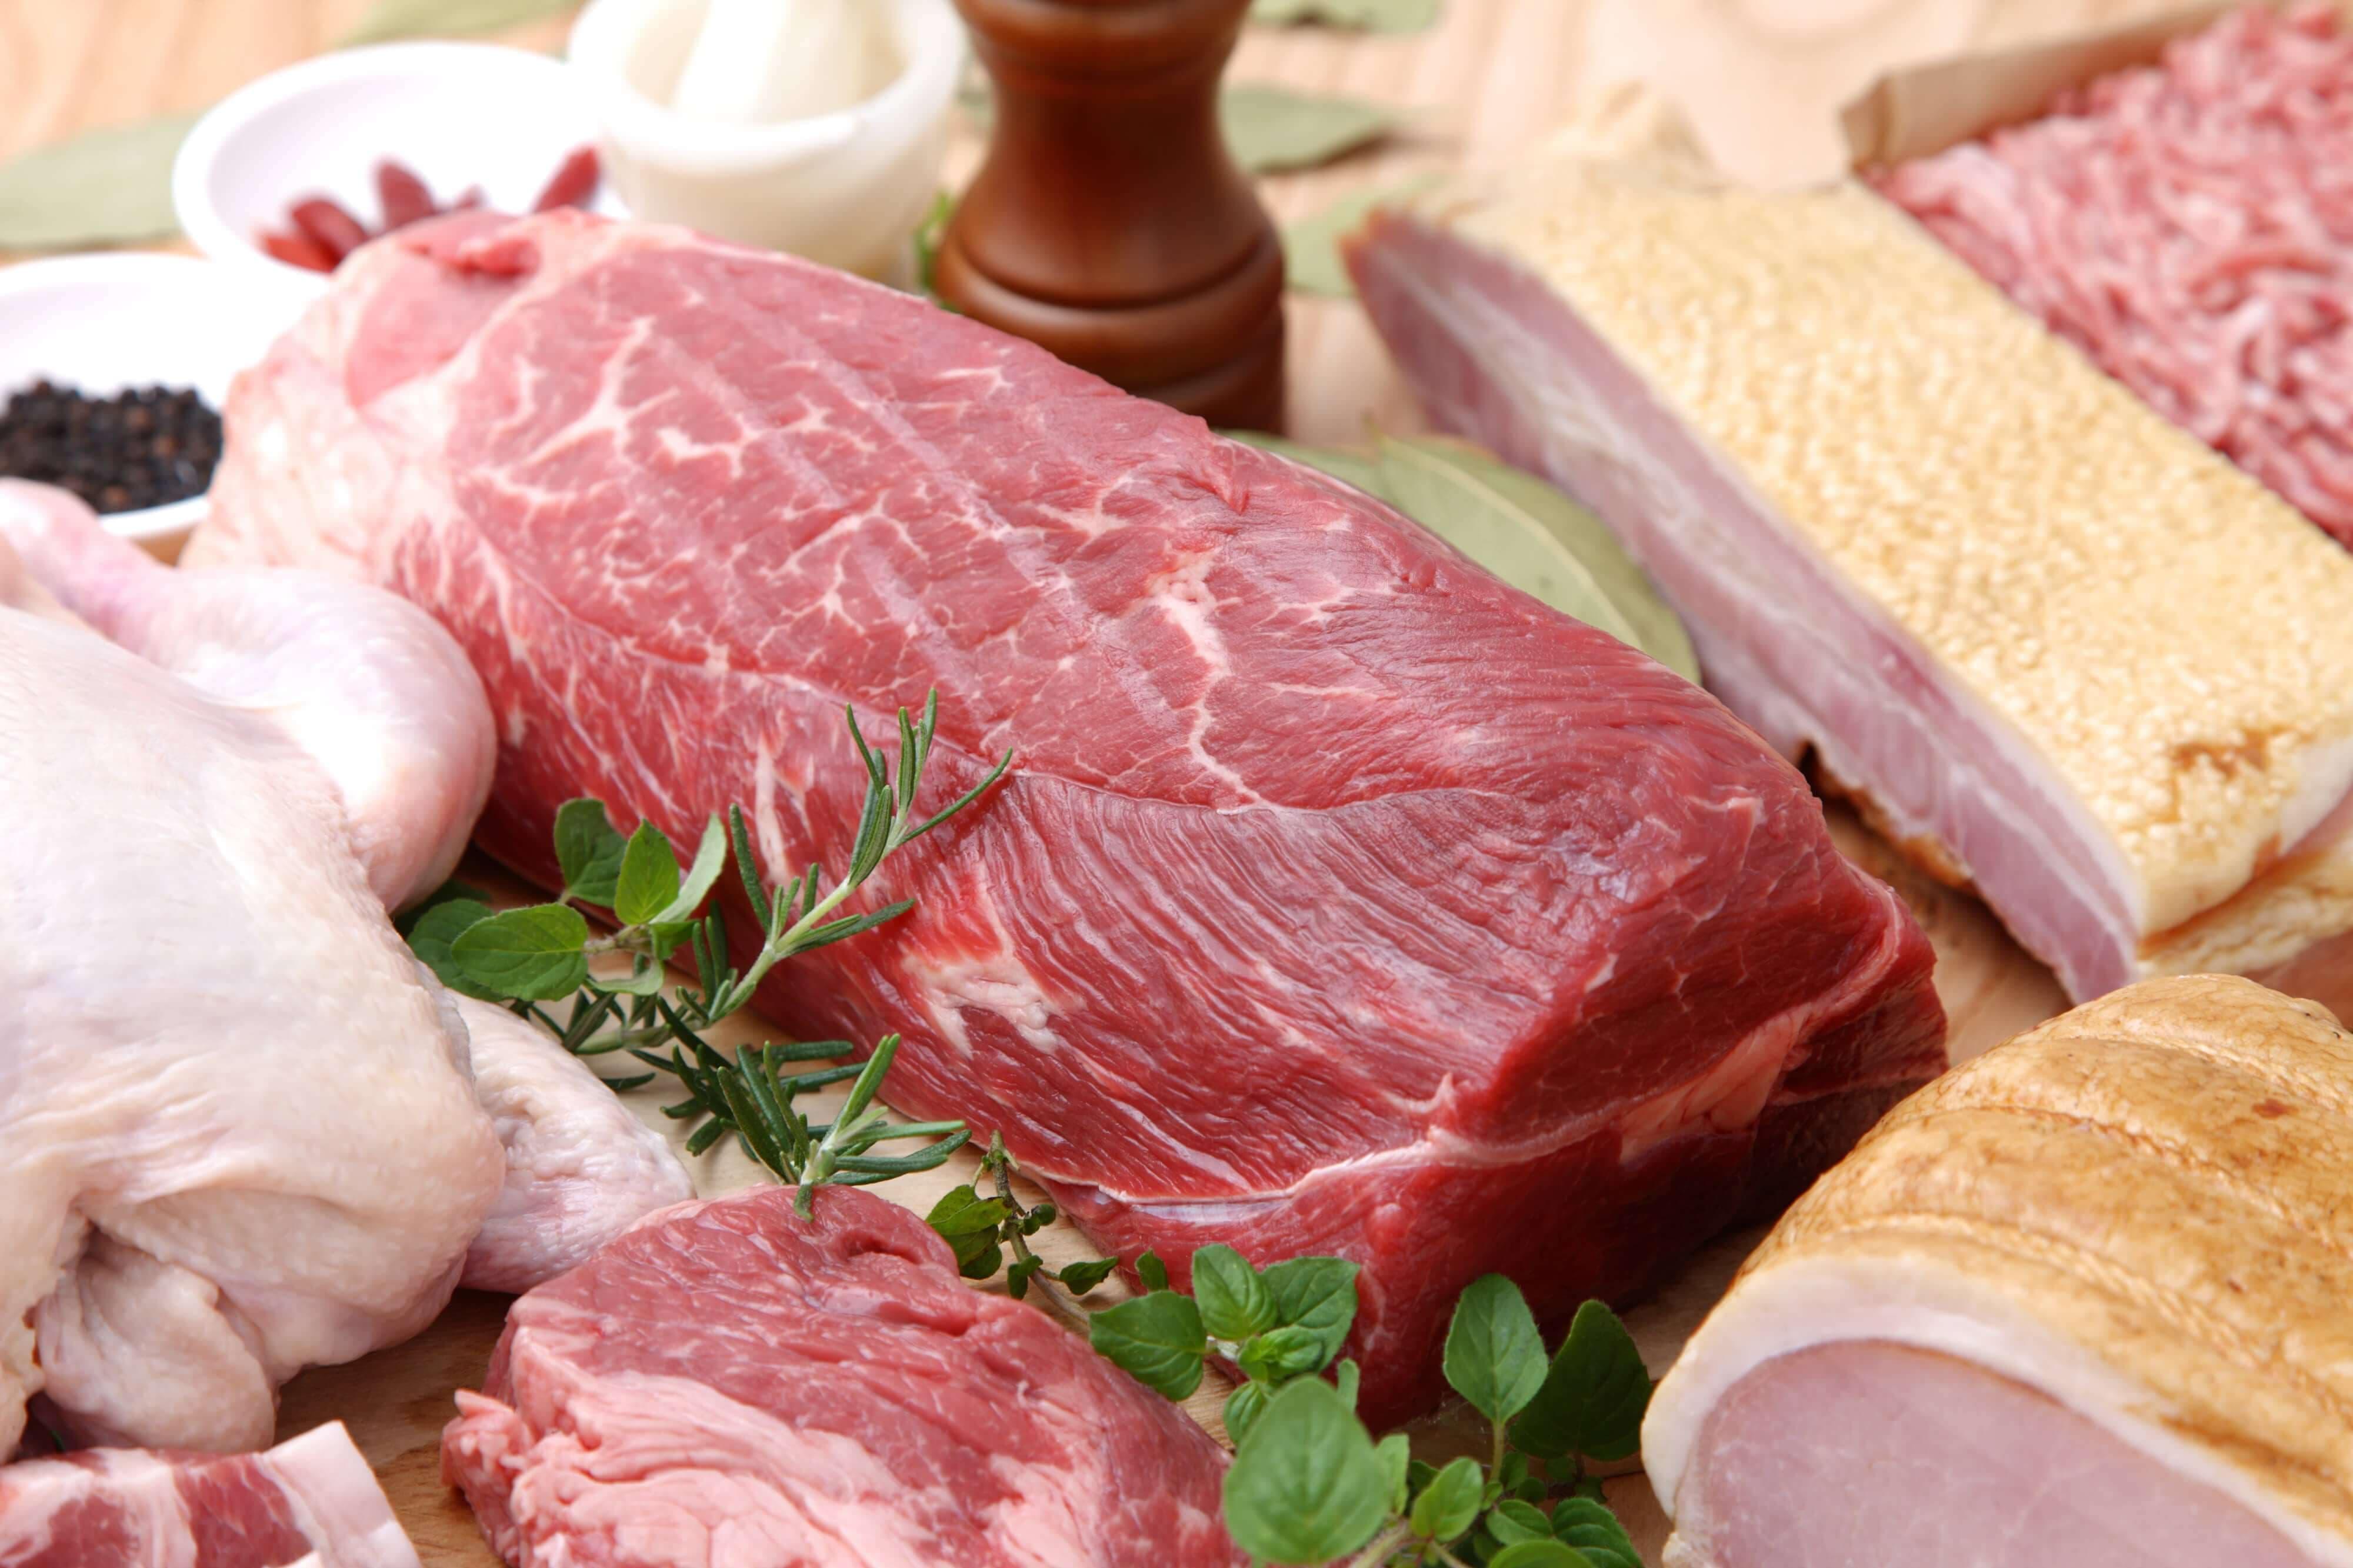 妊婦さんが生ハムや生肉を食べてはいけない理由